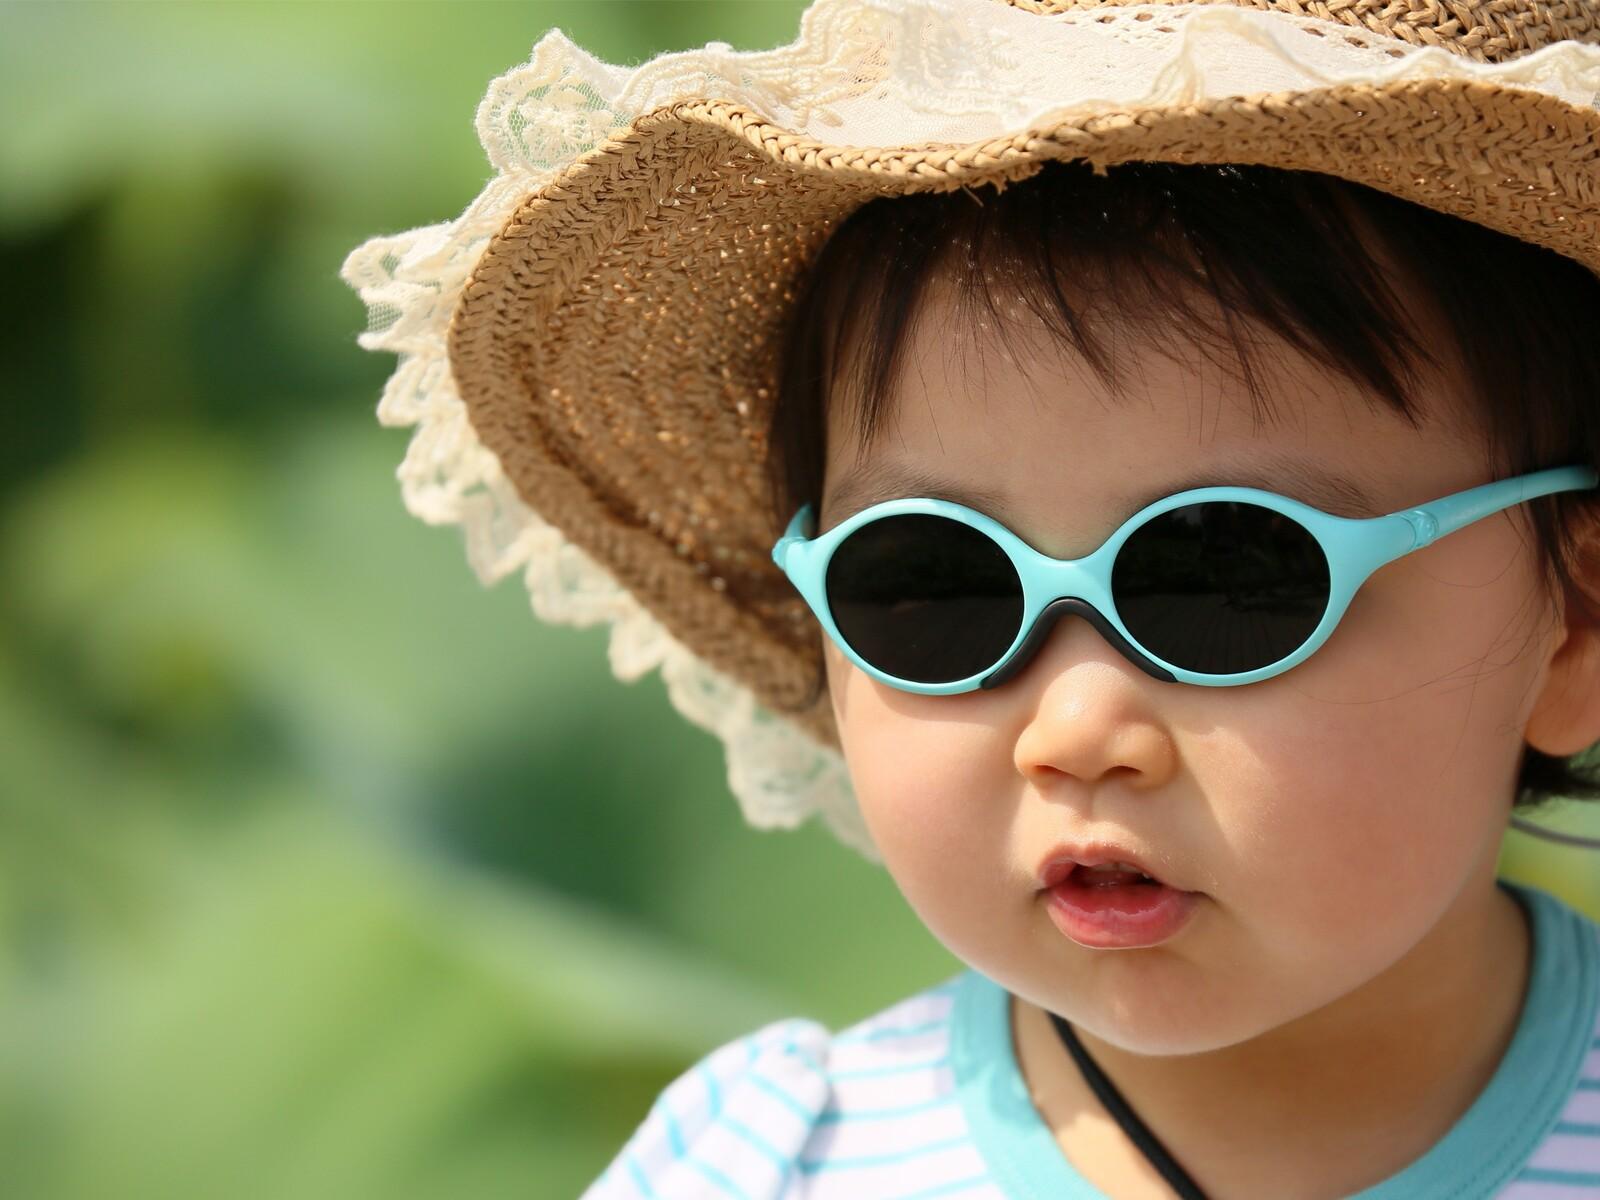 cute-asian-baby.jpg